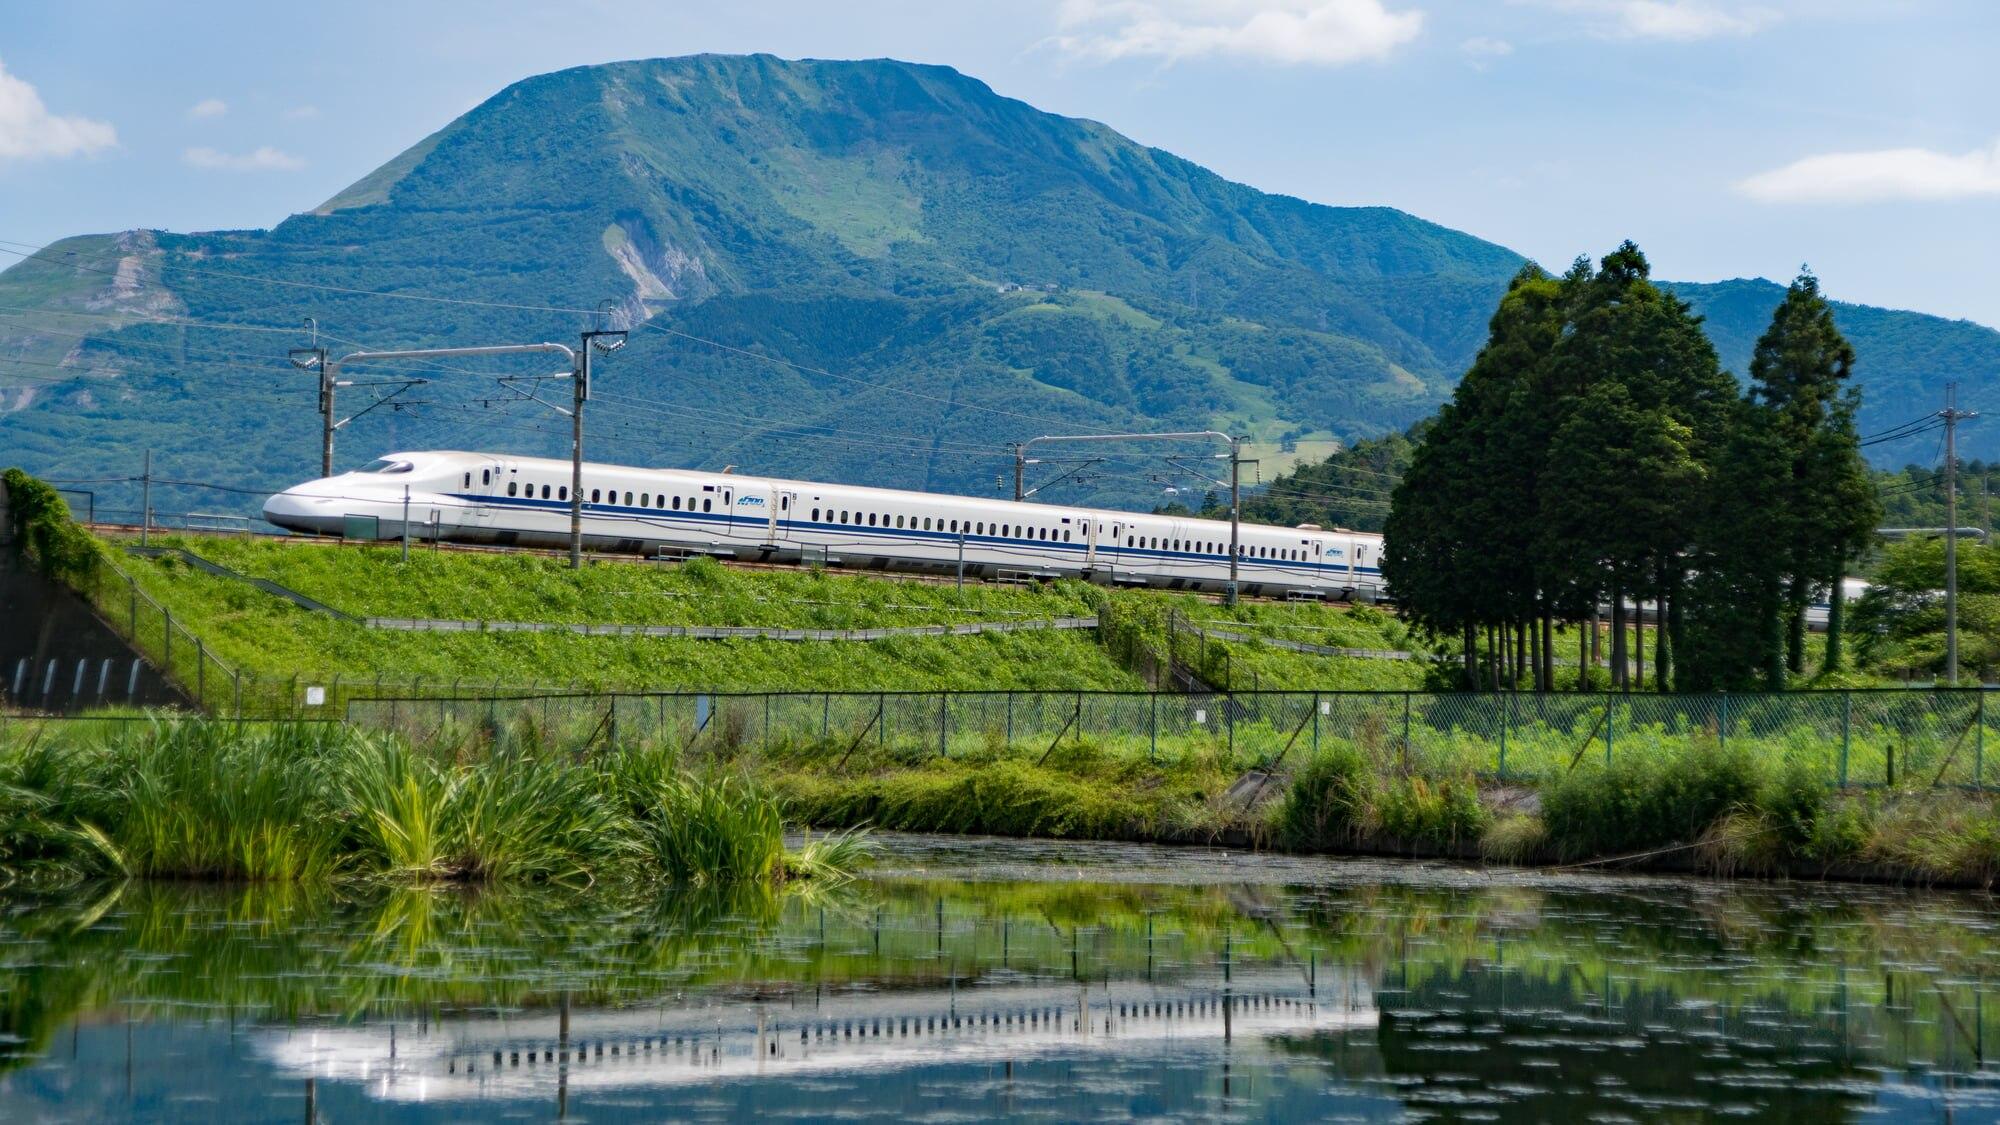 【滋賀県】米原市の周辺でおすすめのホテル|新幹線で滋賀に行く人はぜひ!